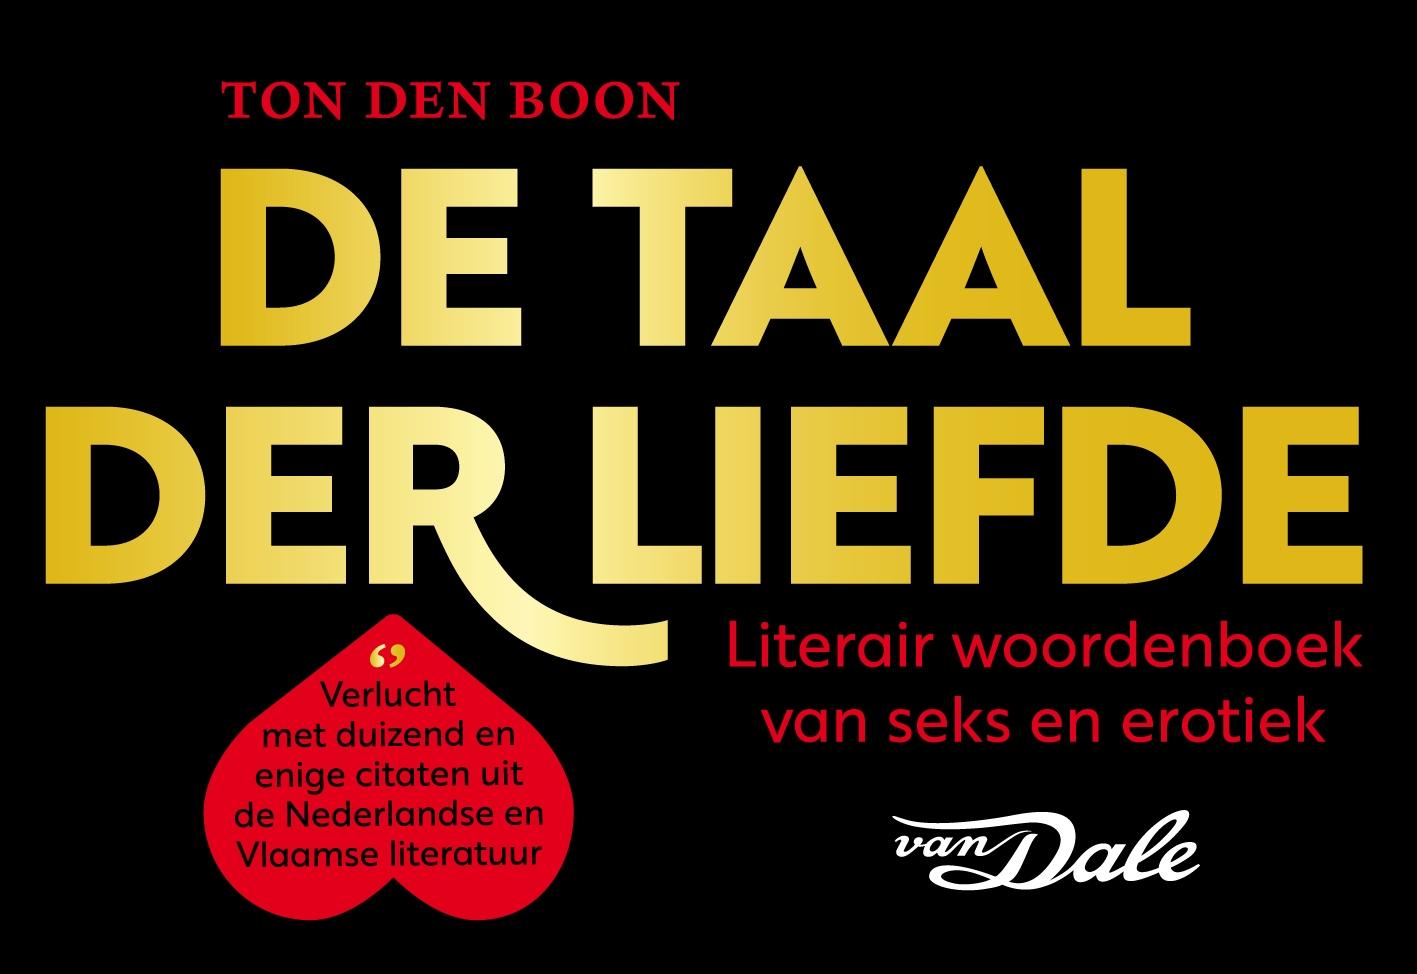 Ton den Boon, Van Dale,De taal der liefde